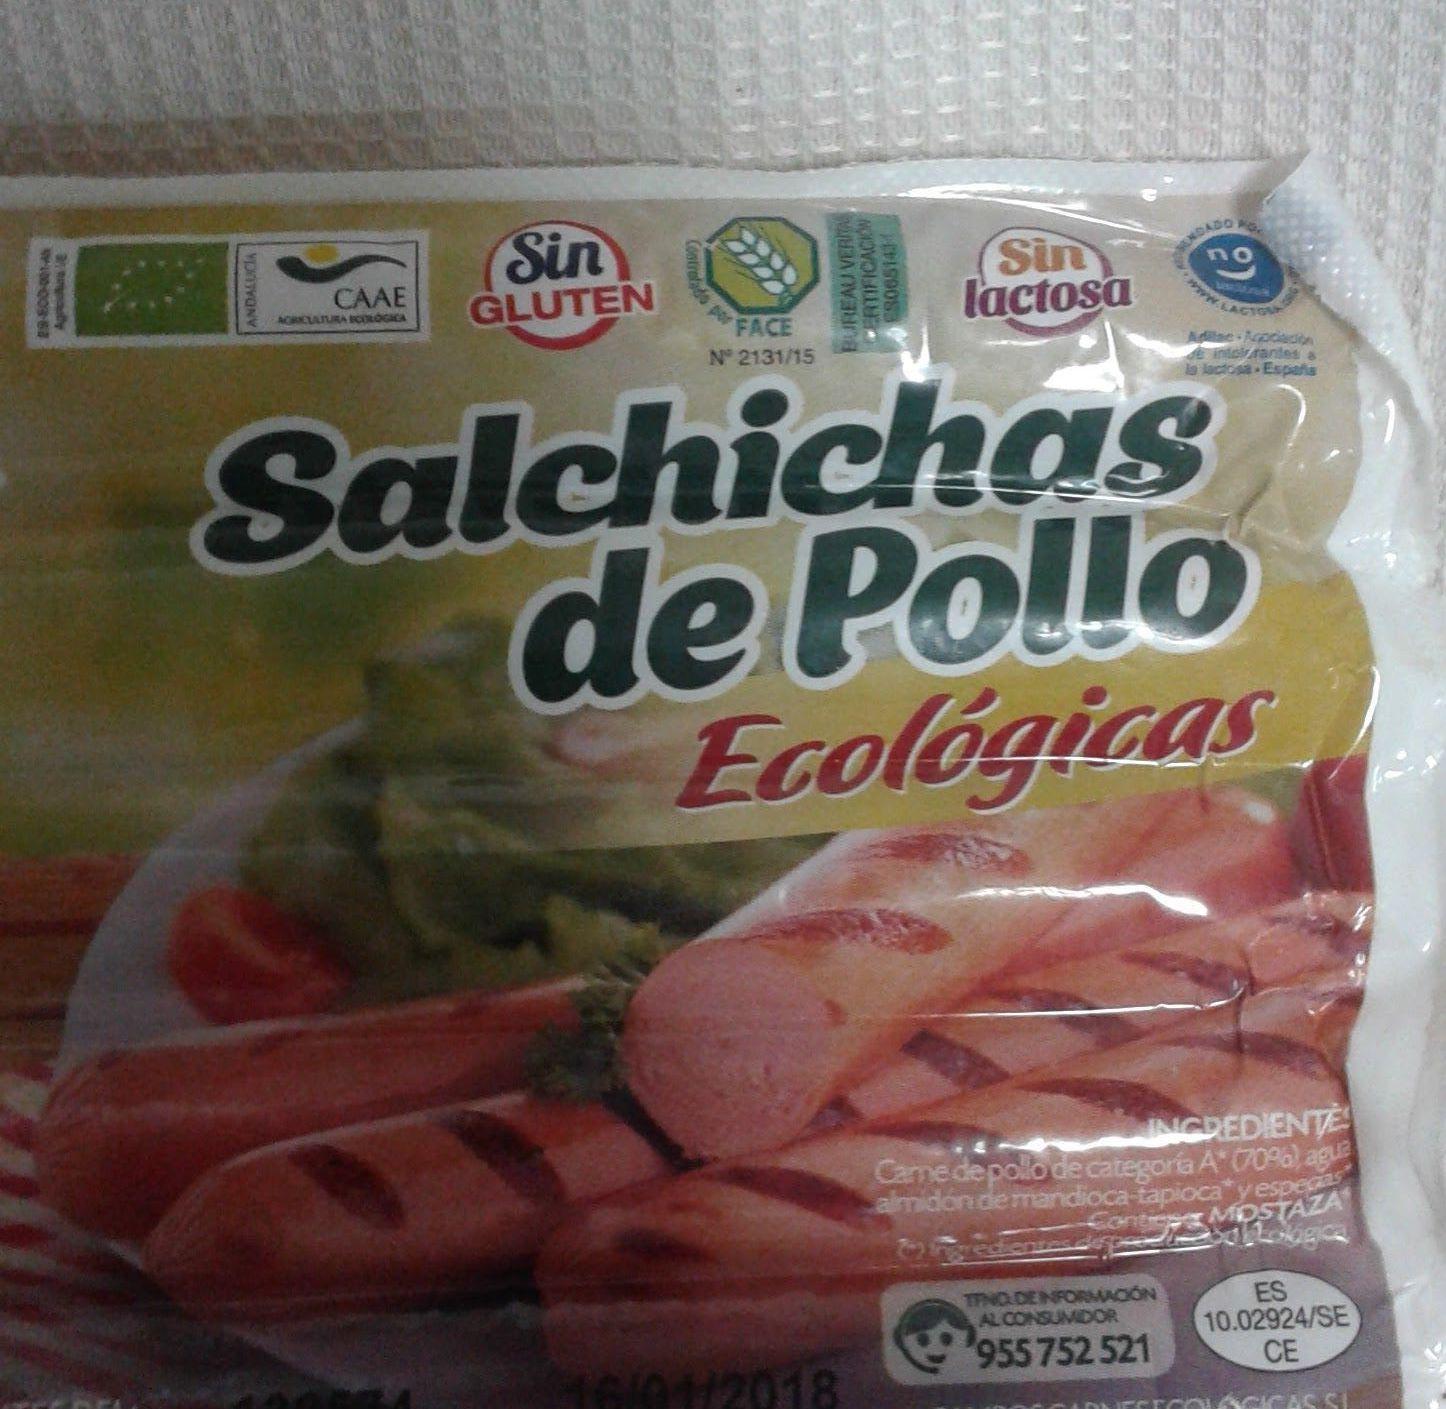 SALCHICHAS DE POLLO: Catálogo de La Despensa Ecológica